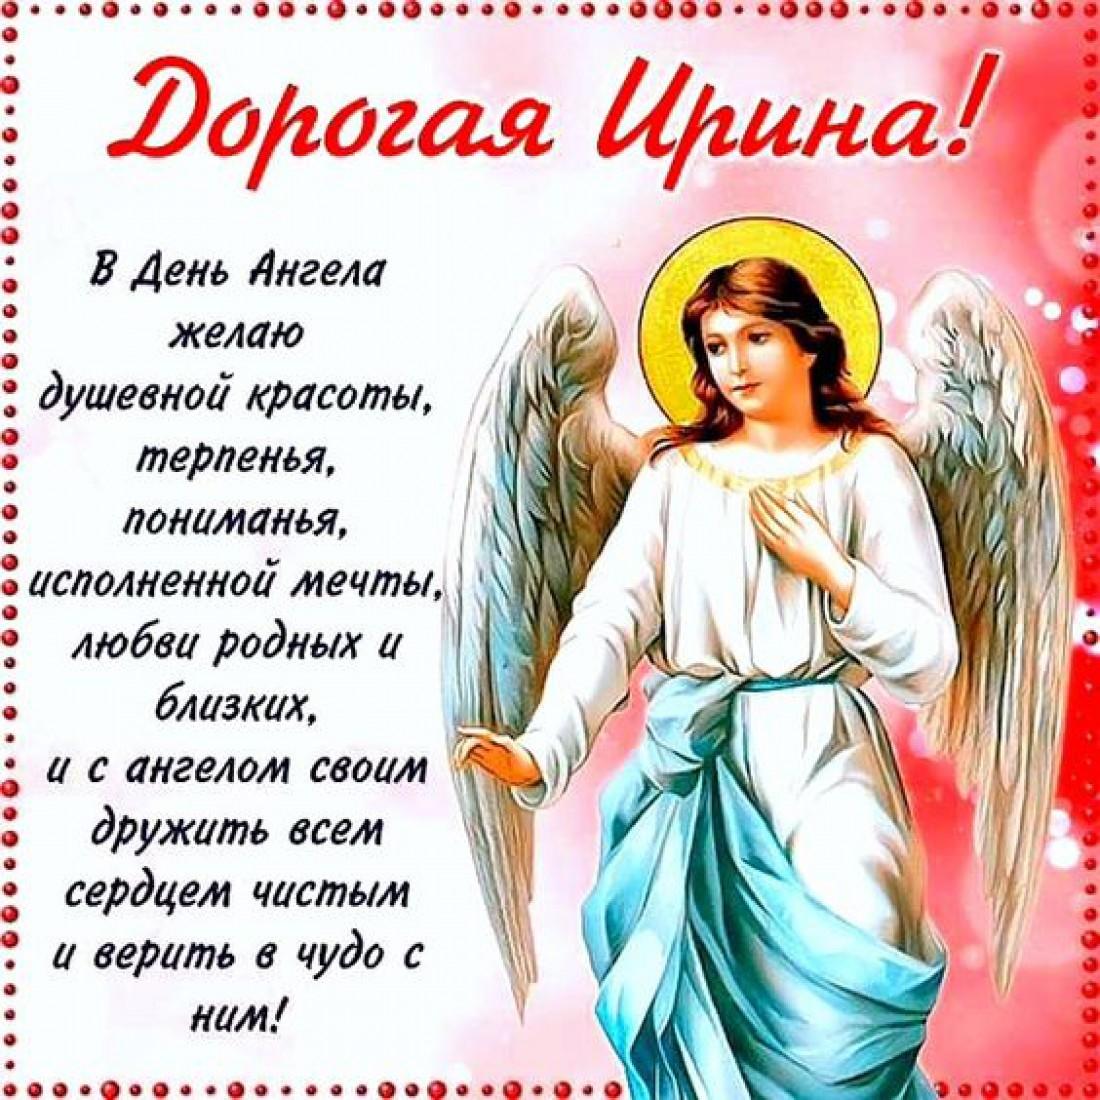 День ангела Ирины: приметы и поздравления